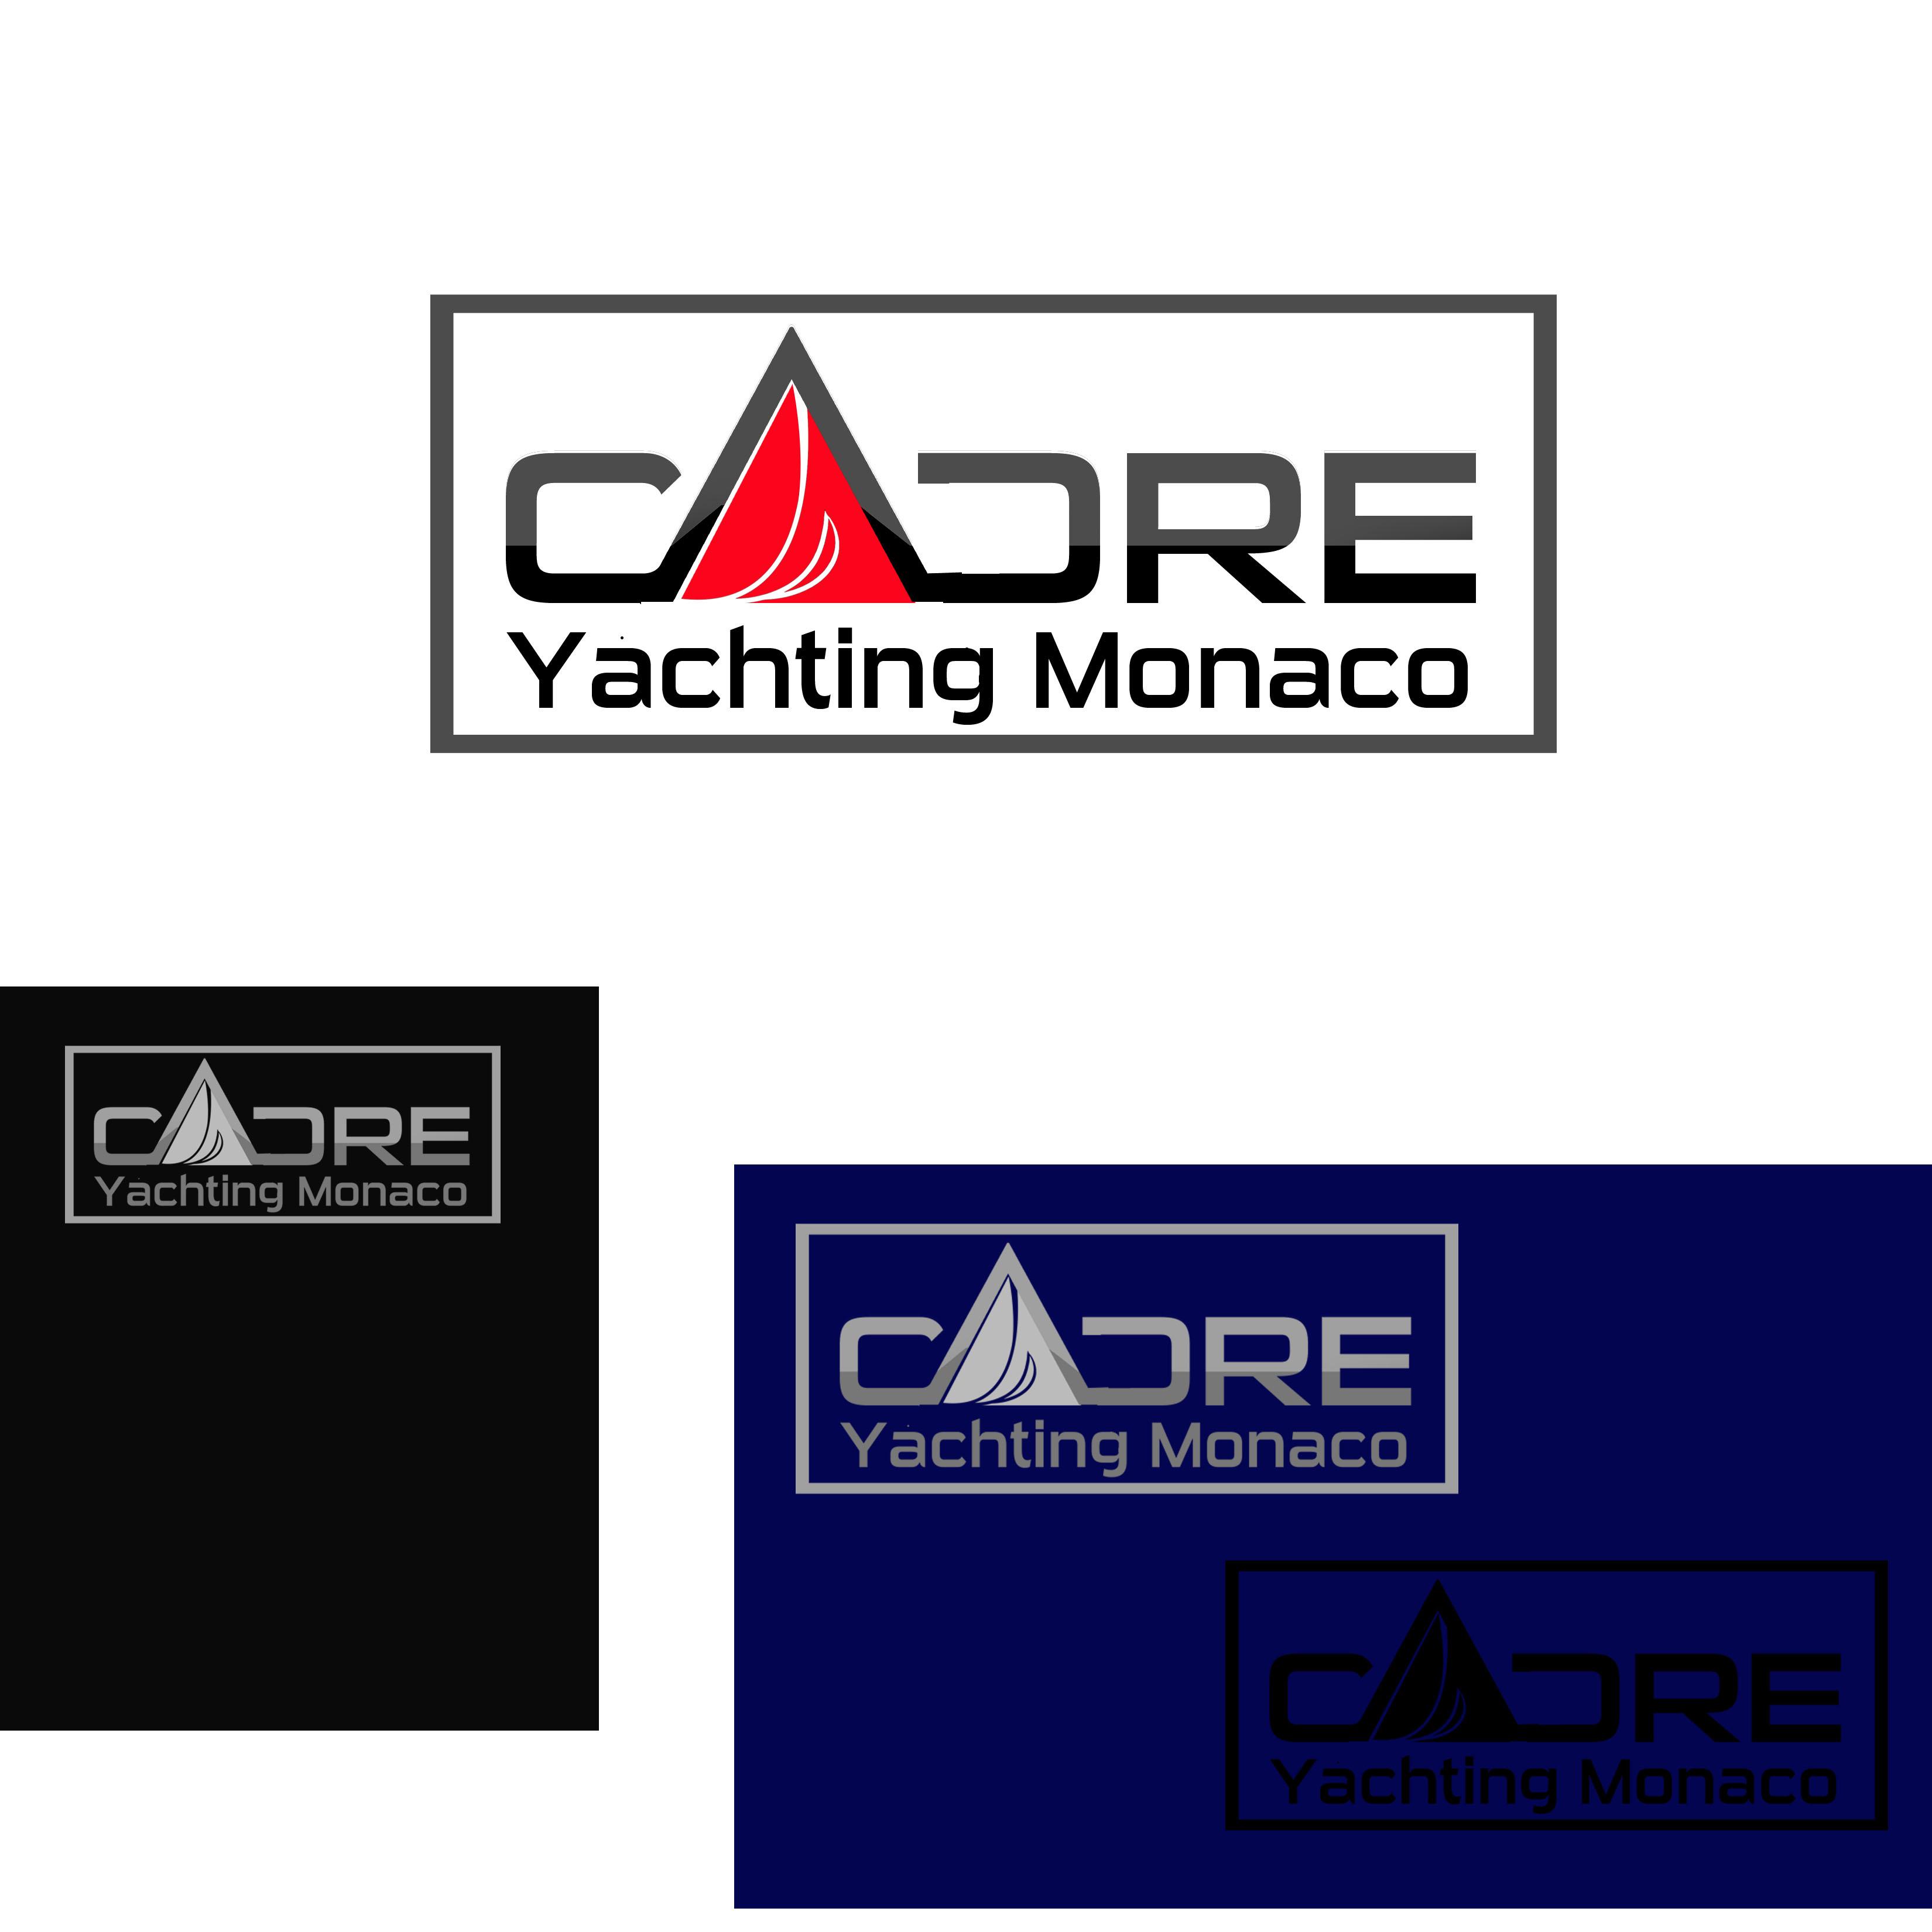 Logo Design by Alan Esclamado - Entry No. 75 in the Logo Design Contest New Logo Design for Cadre Yachting Monaco.